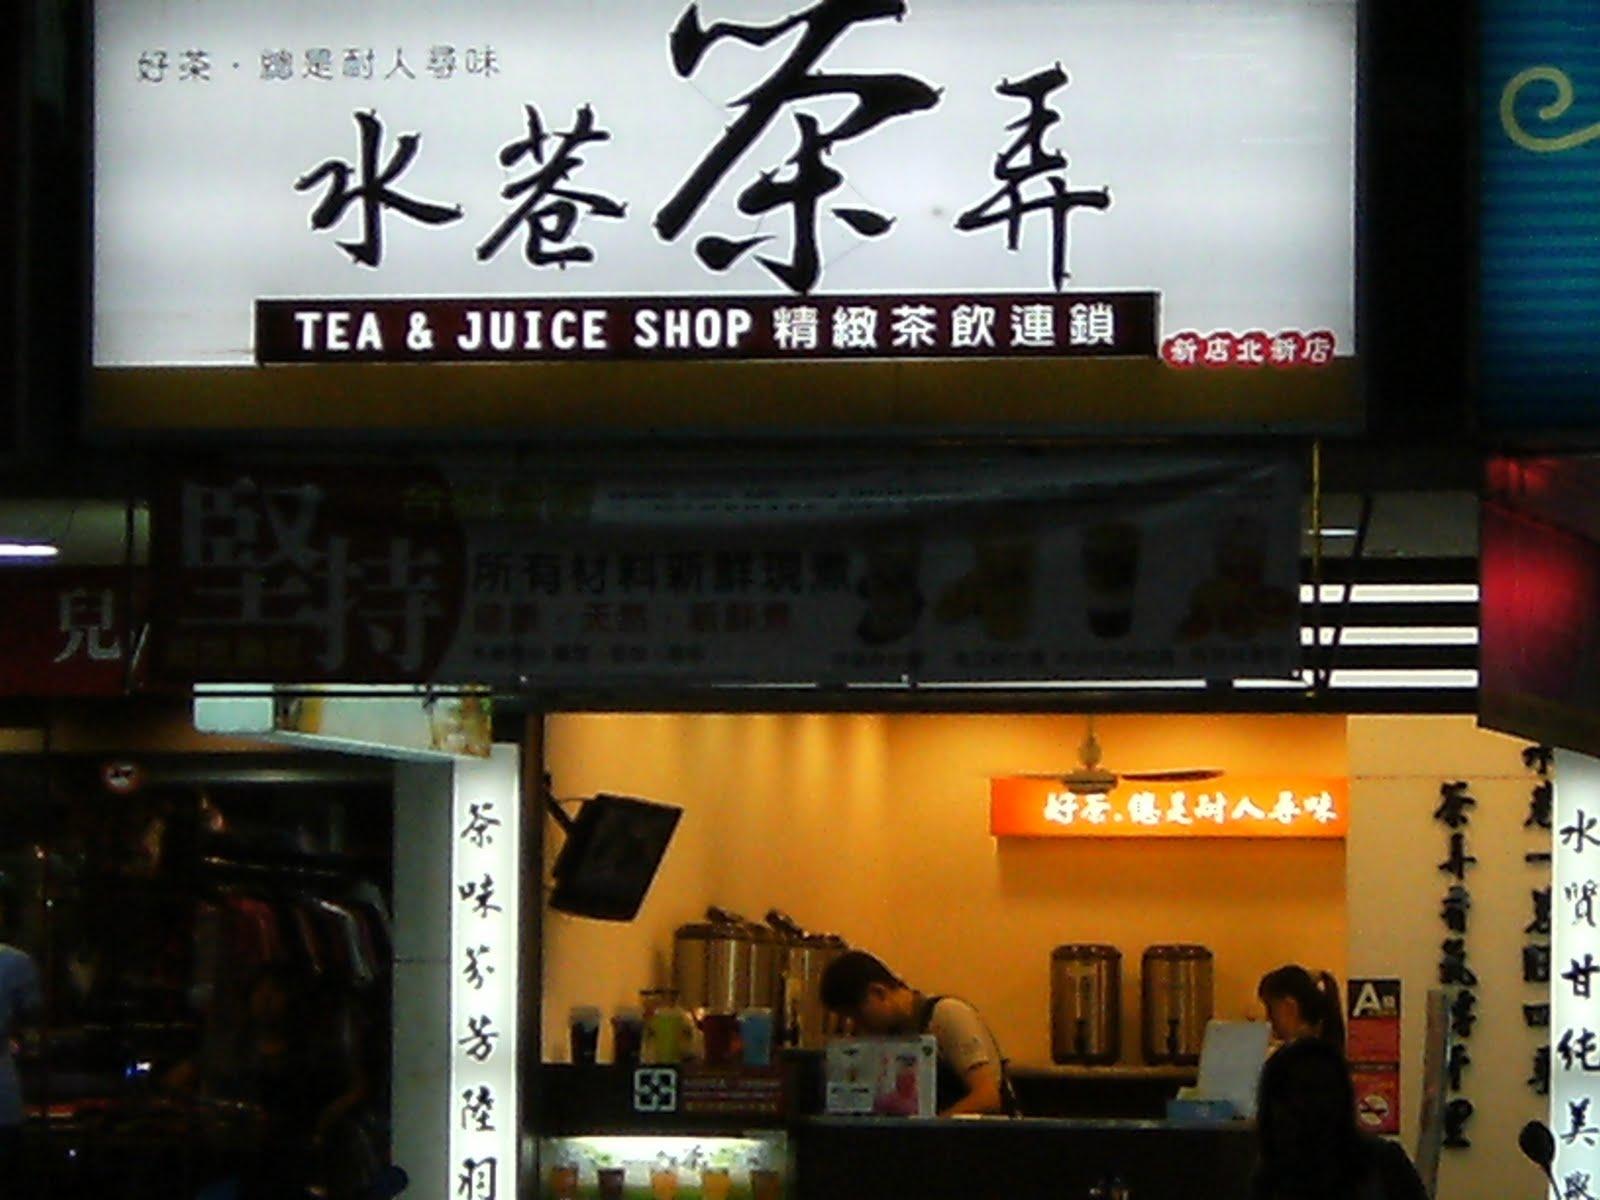 新店商圈: 水巷茶弄(北新店)